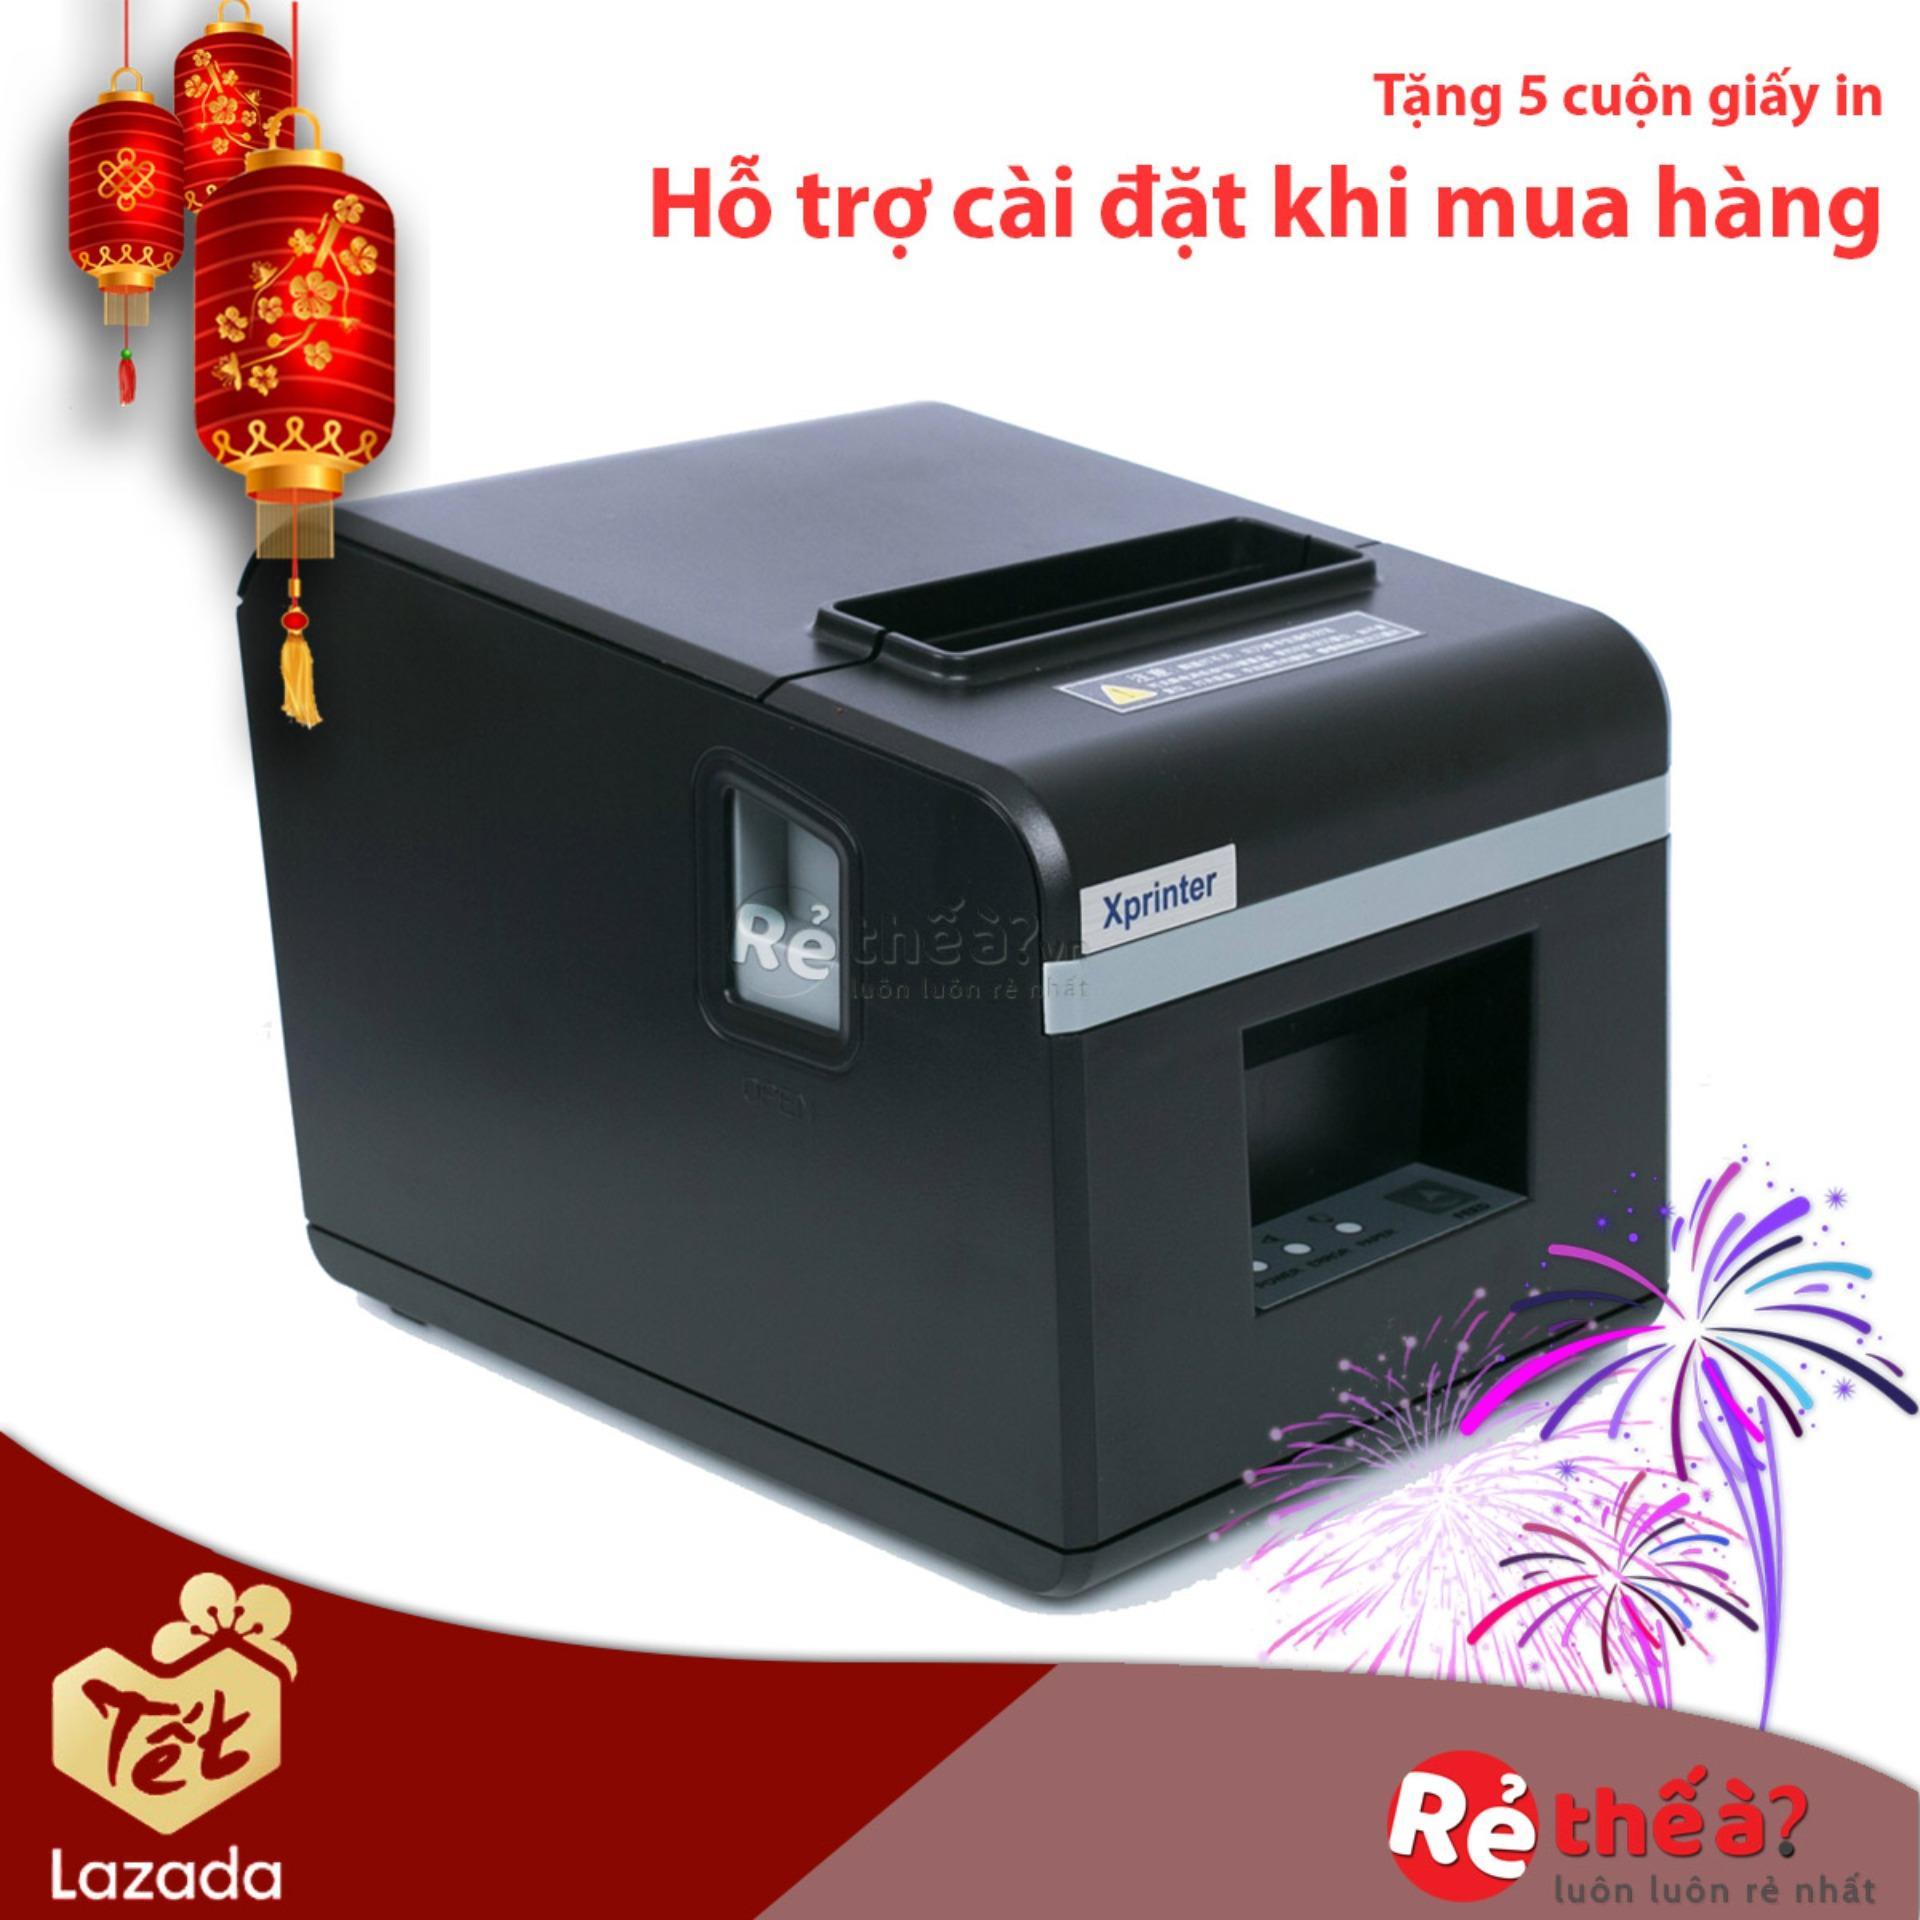 Giá Máy in hóa đơn XPRINTER N160II KHỔ GIẤY 80mm (CỔNG GIAO TIẾP USB)-  Hàng Nhập Khẩu + Tặng 5 cuộn giấy in nhiệt khổ 80mm